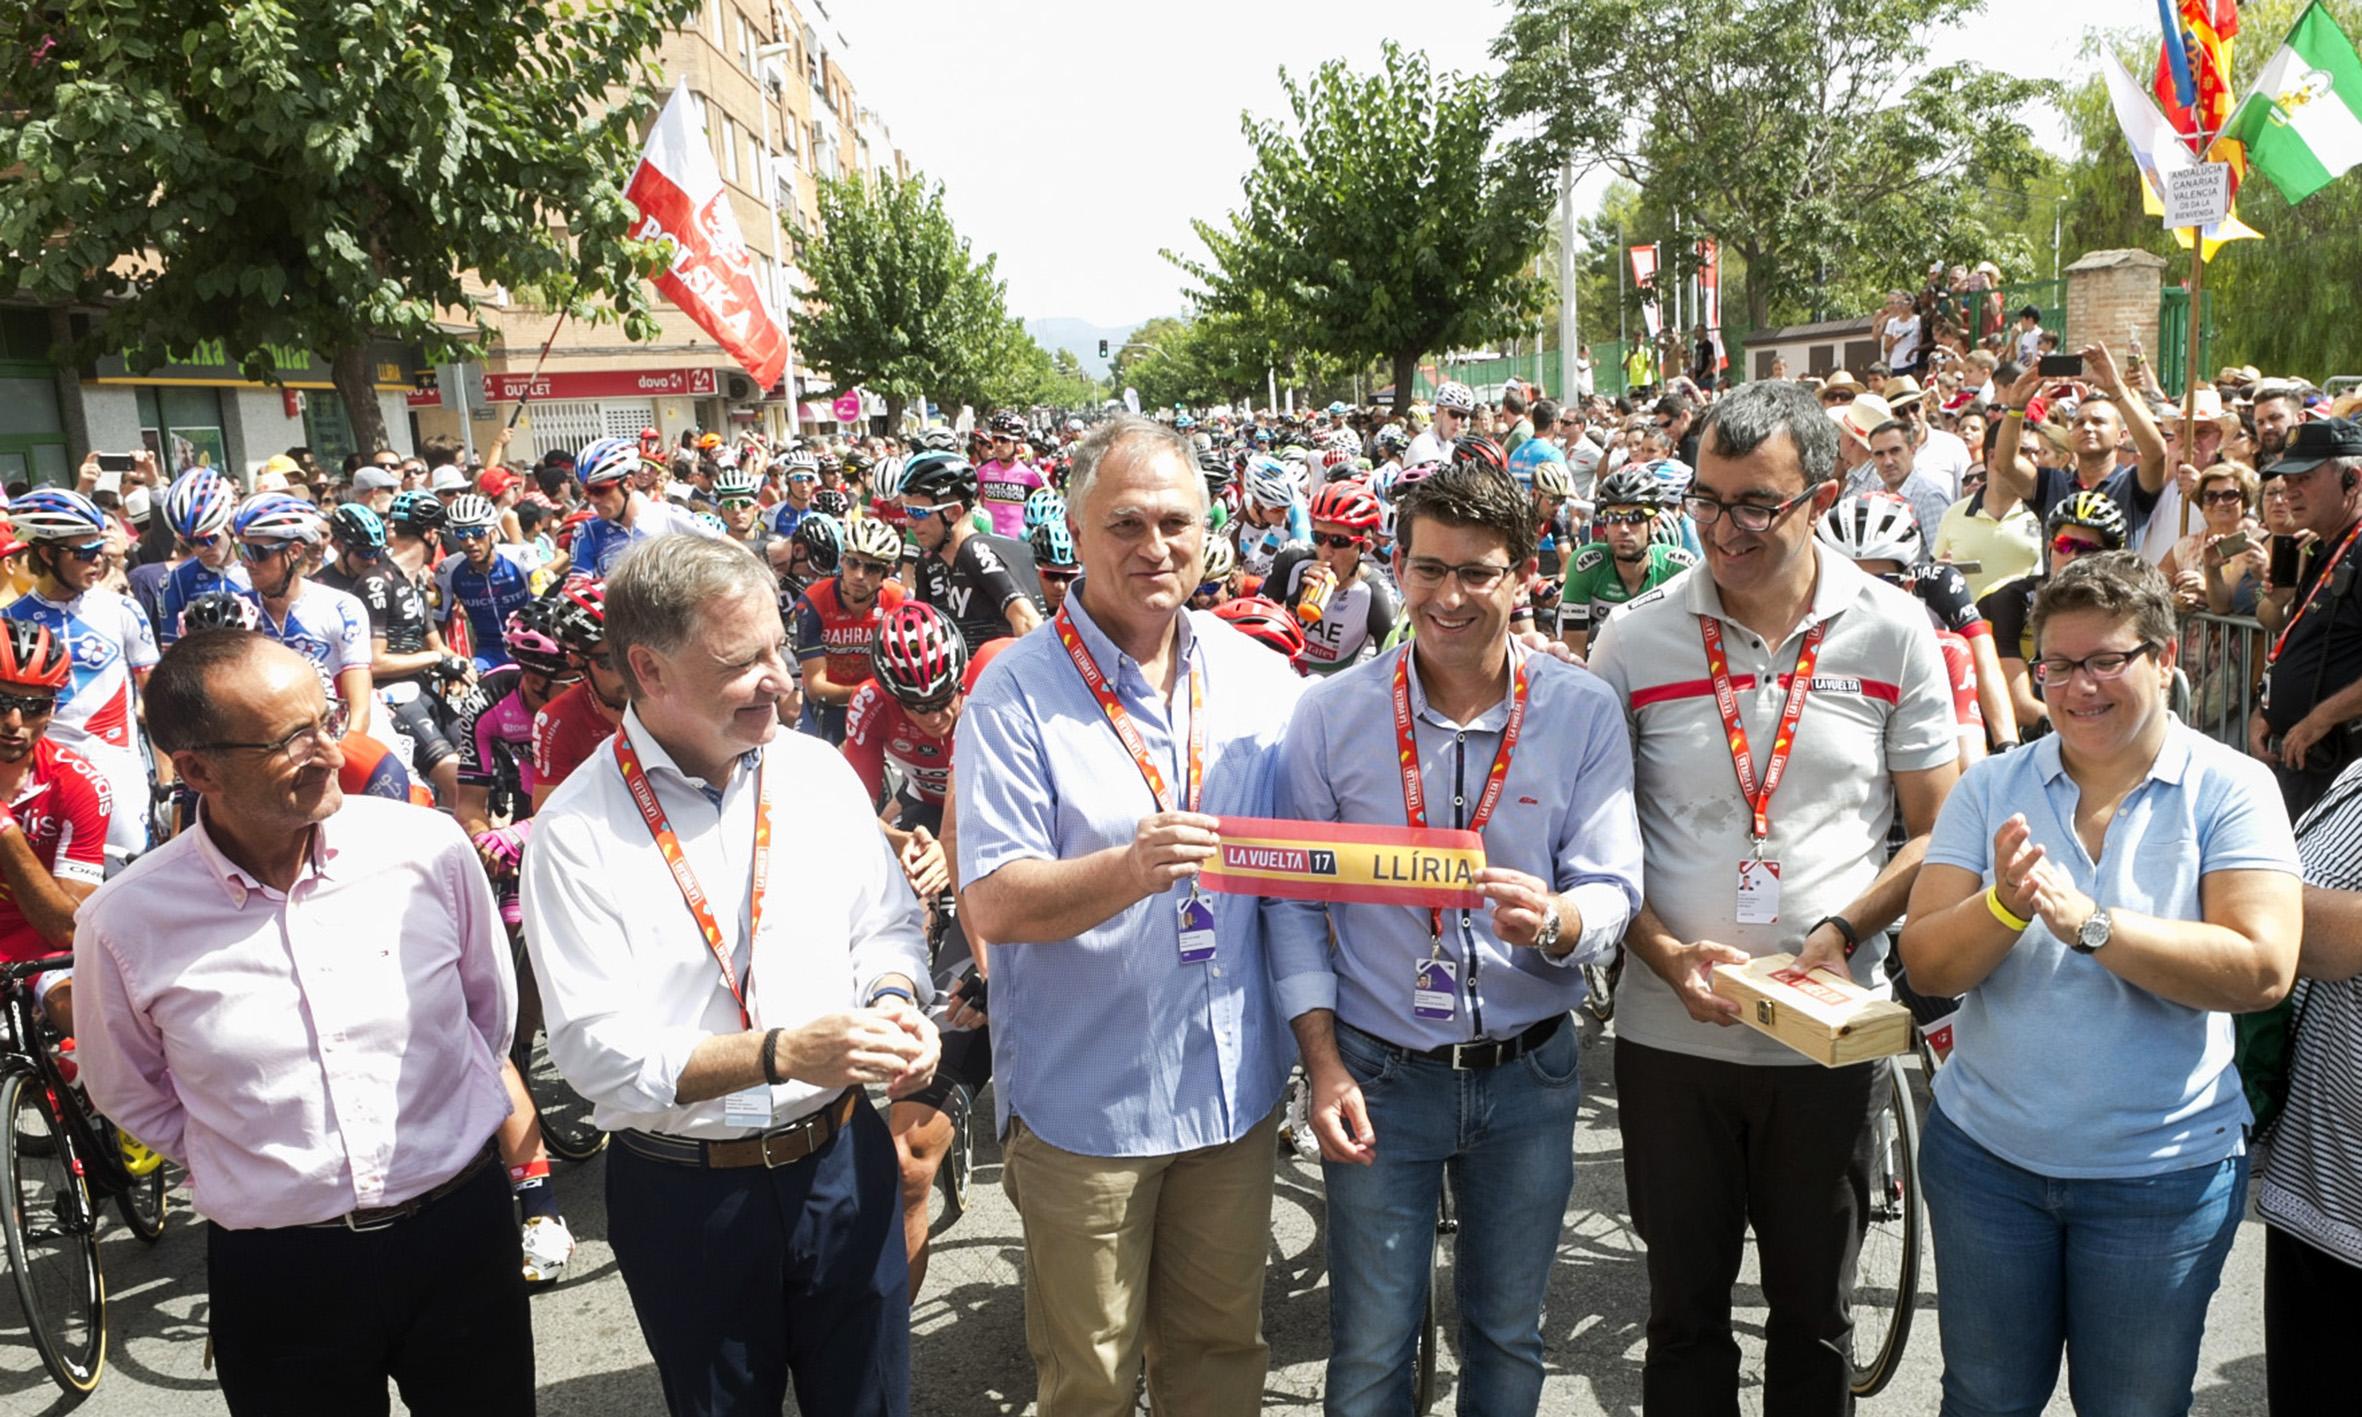 El canon pagado por la Diputación para que la carrera llegara a Sagunto y Llíria deja un retorno económico en los municipios y una gran imagen de las carreteras y el patrimonio natural de la provincia.